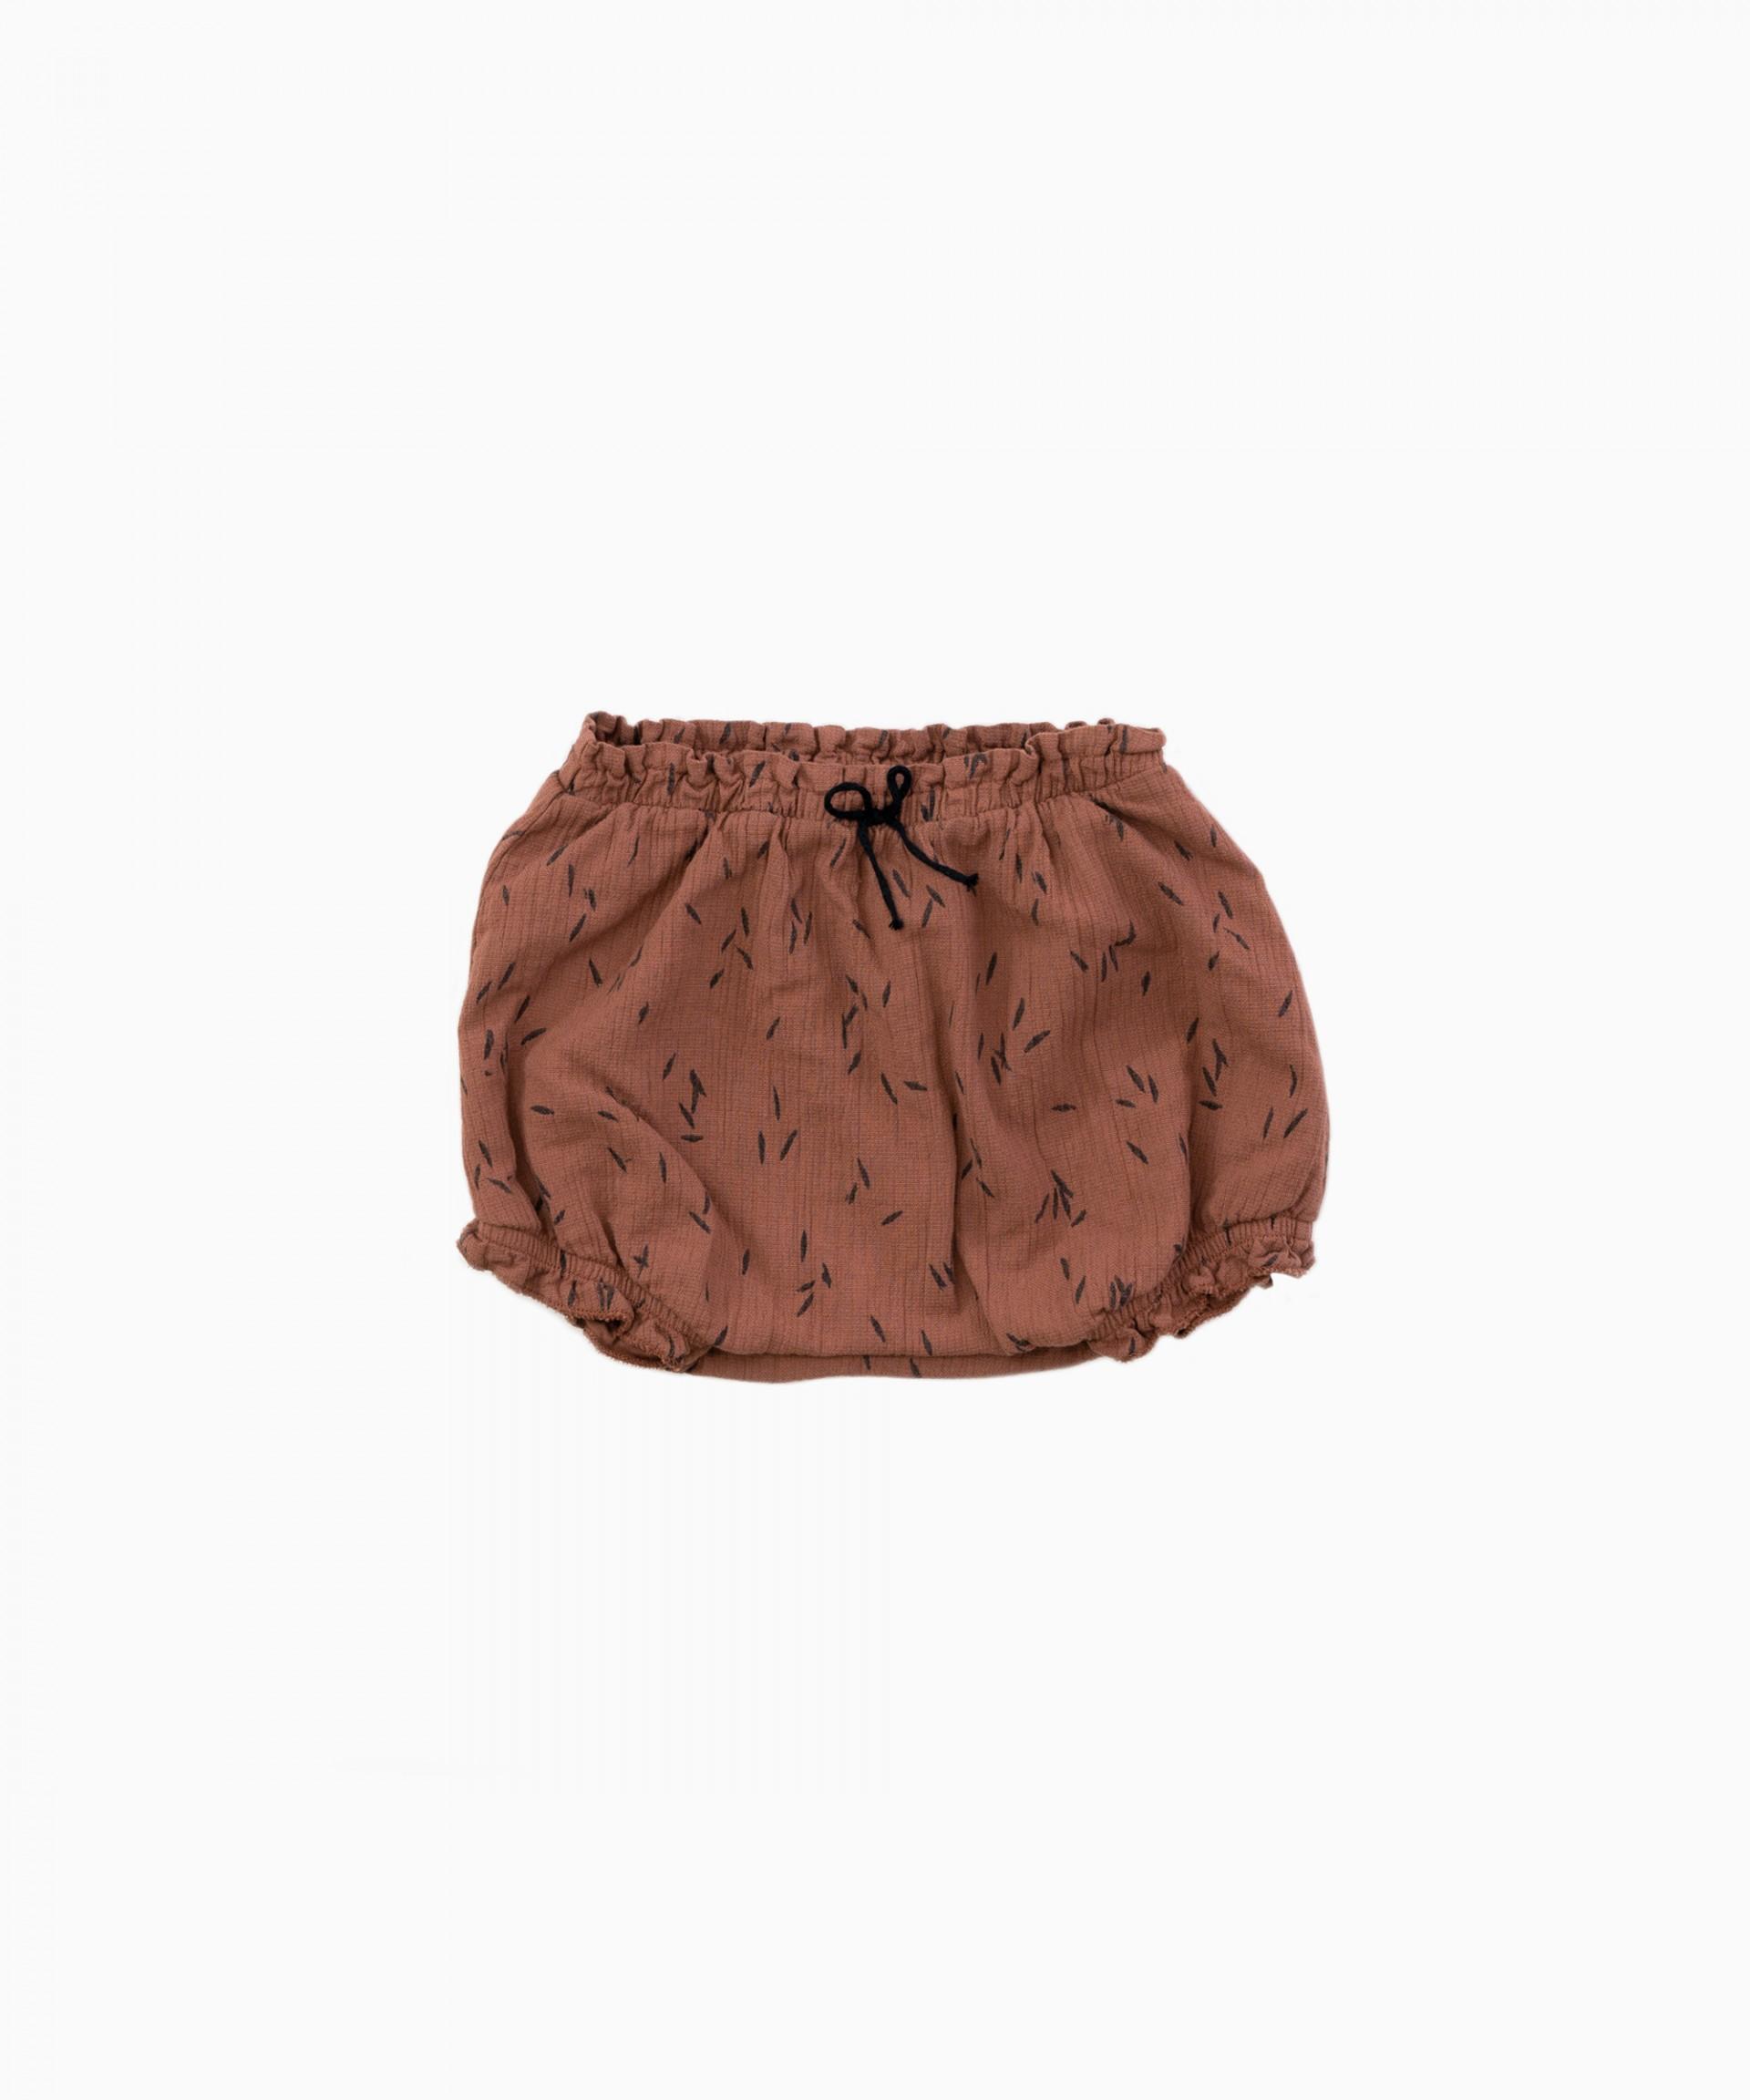 Pantalón corto de tela | Woodwork